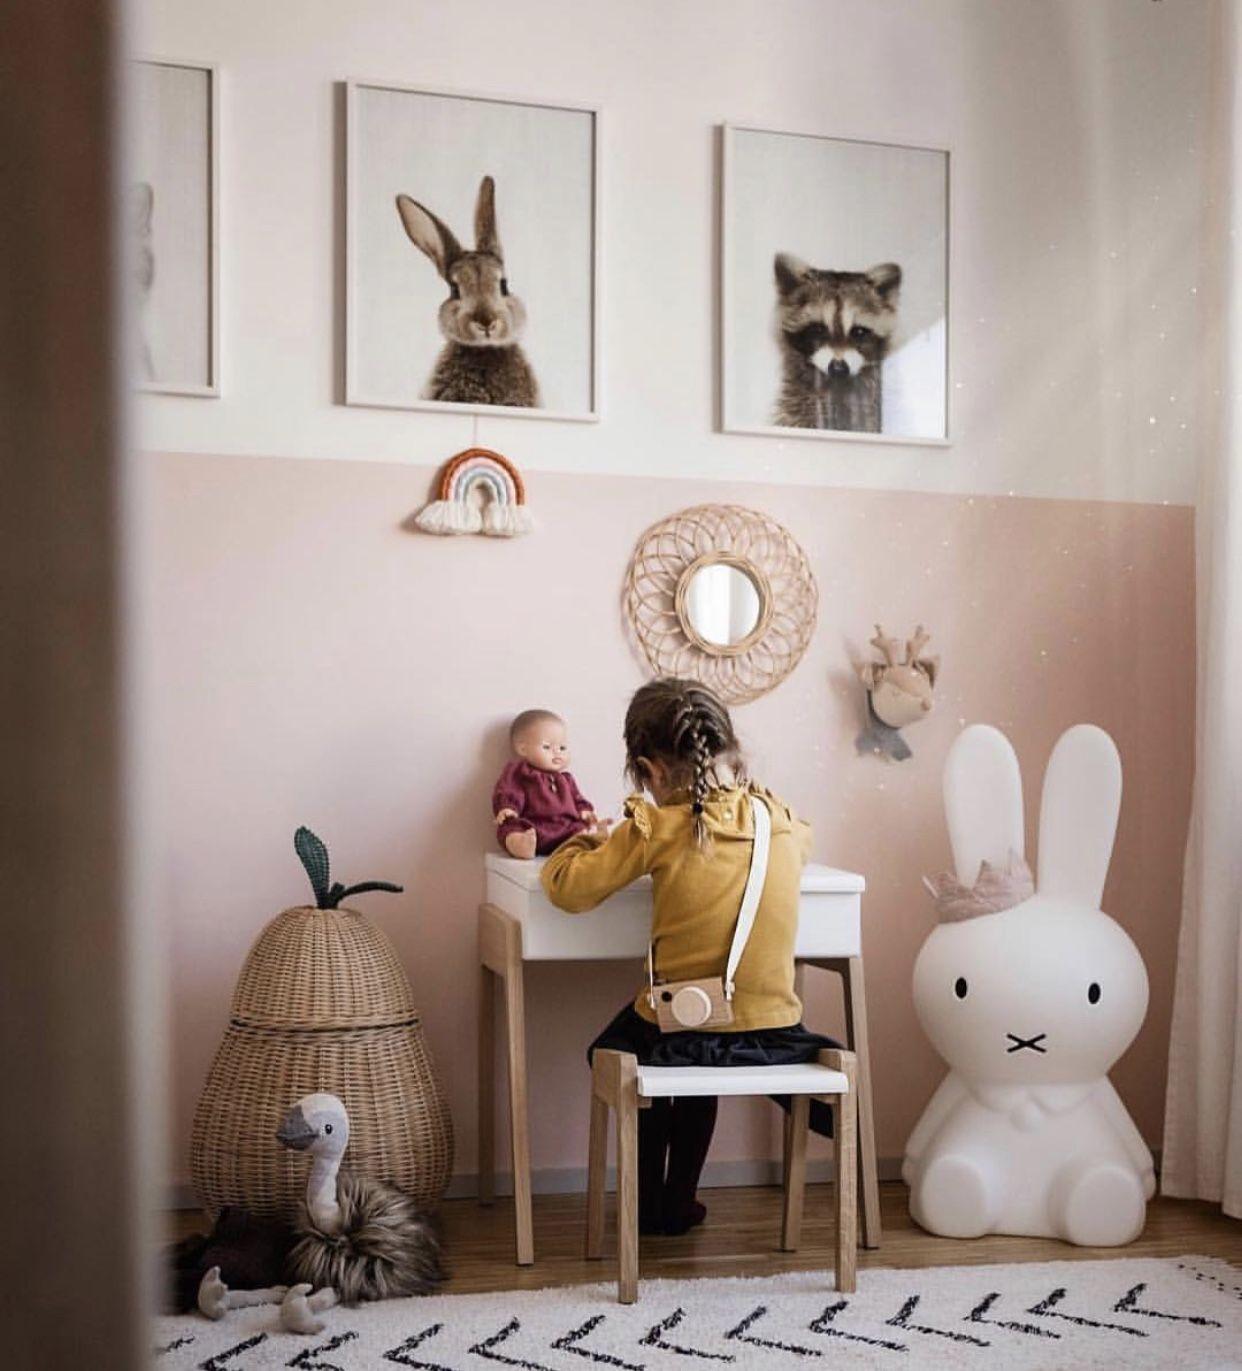 Chambre Petite Fille 3 Ans Épinglé par filiz erikci /décoratrice d'intérieur sur